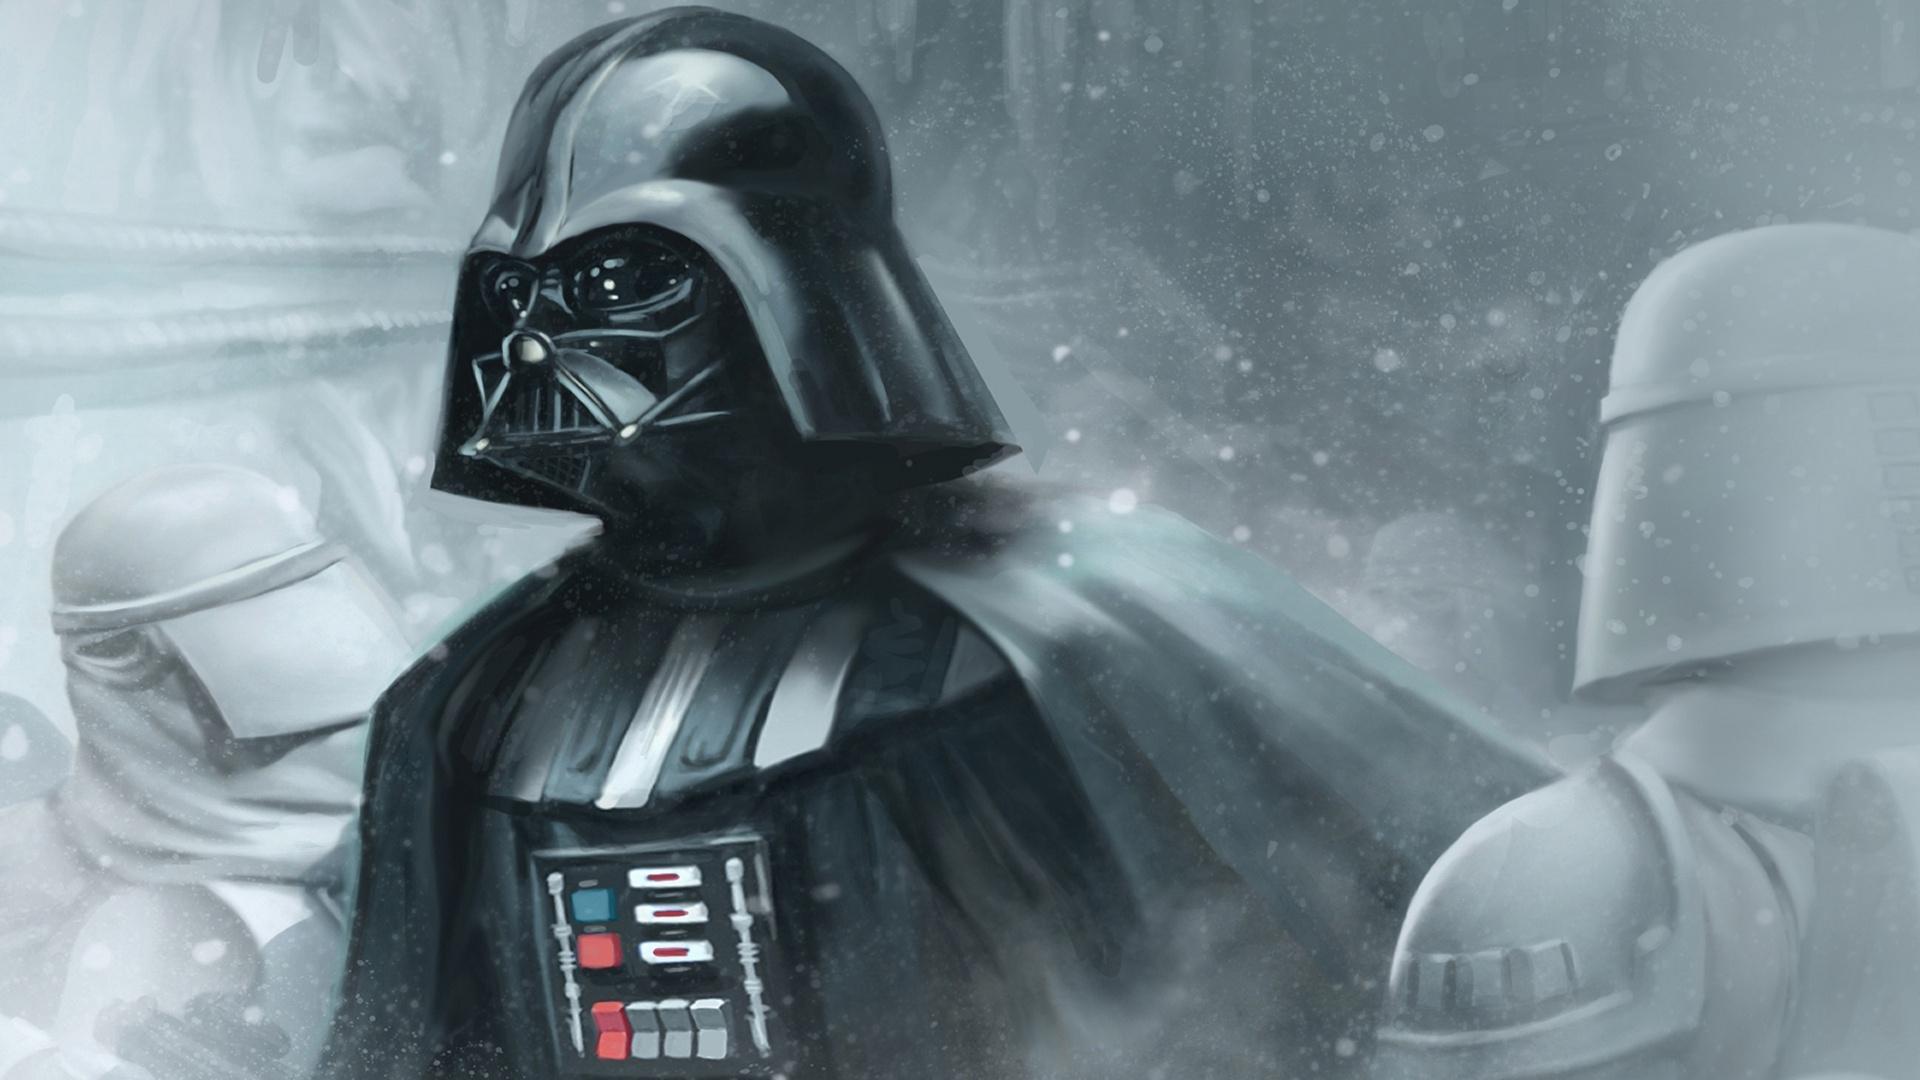 Star Wars Darth Vader Wallpaper Darth Vader Wallpaper 4k